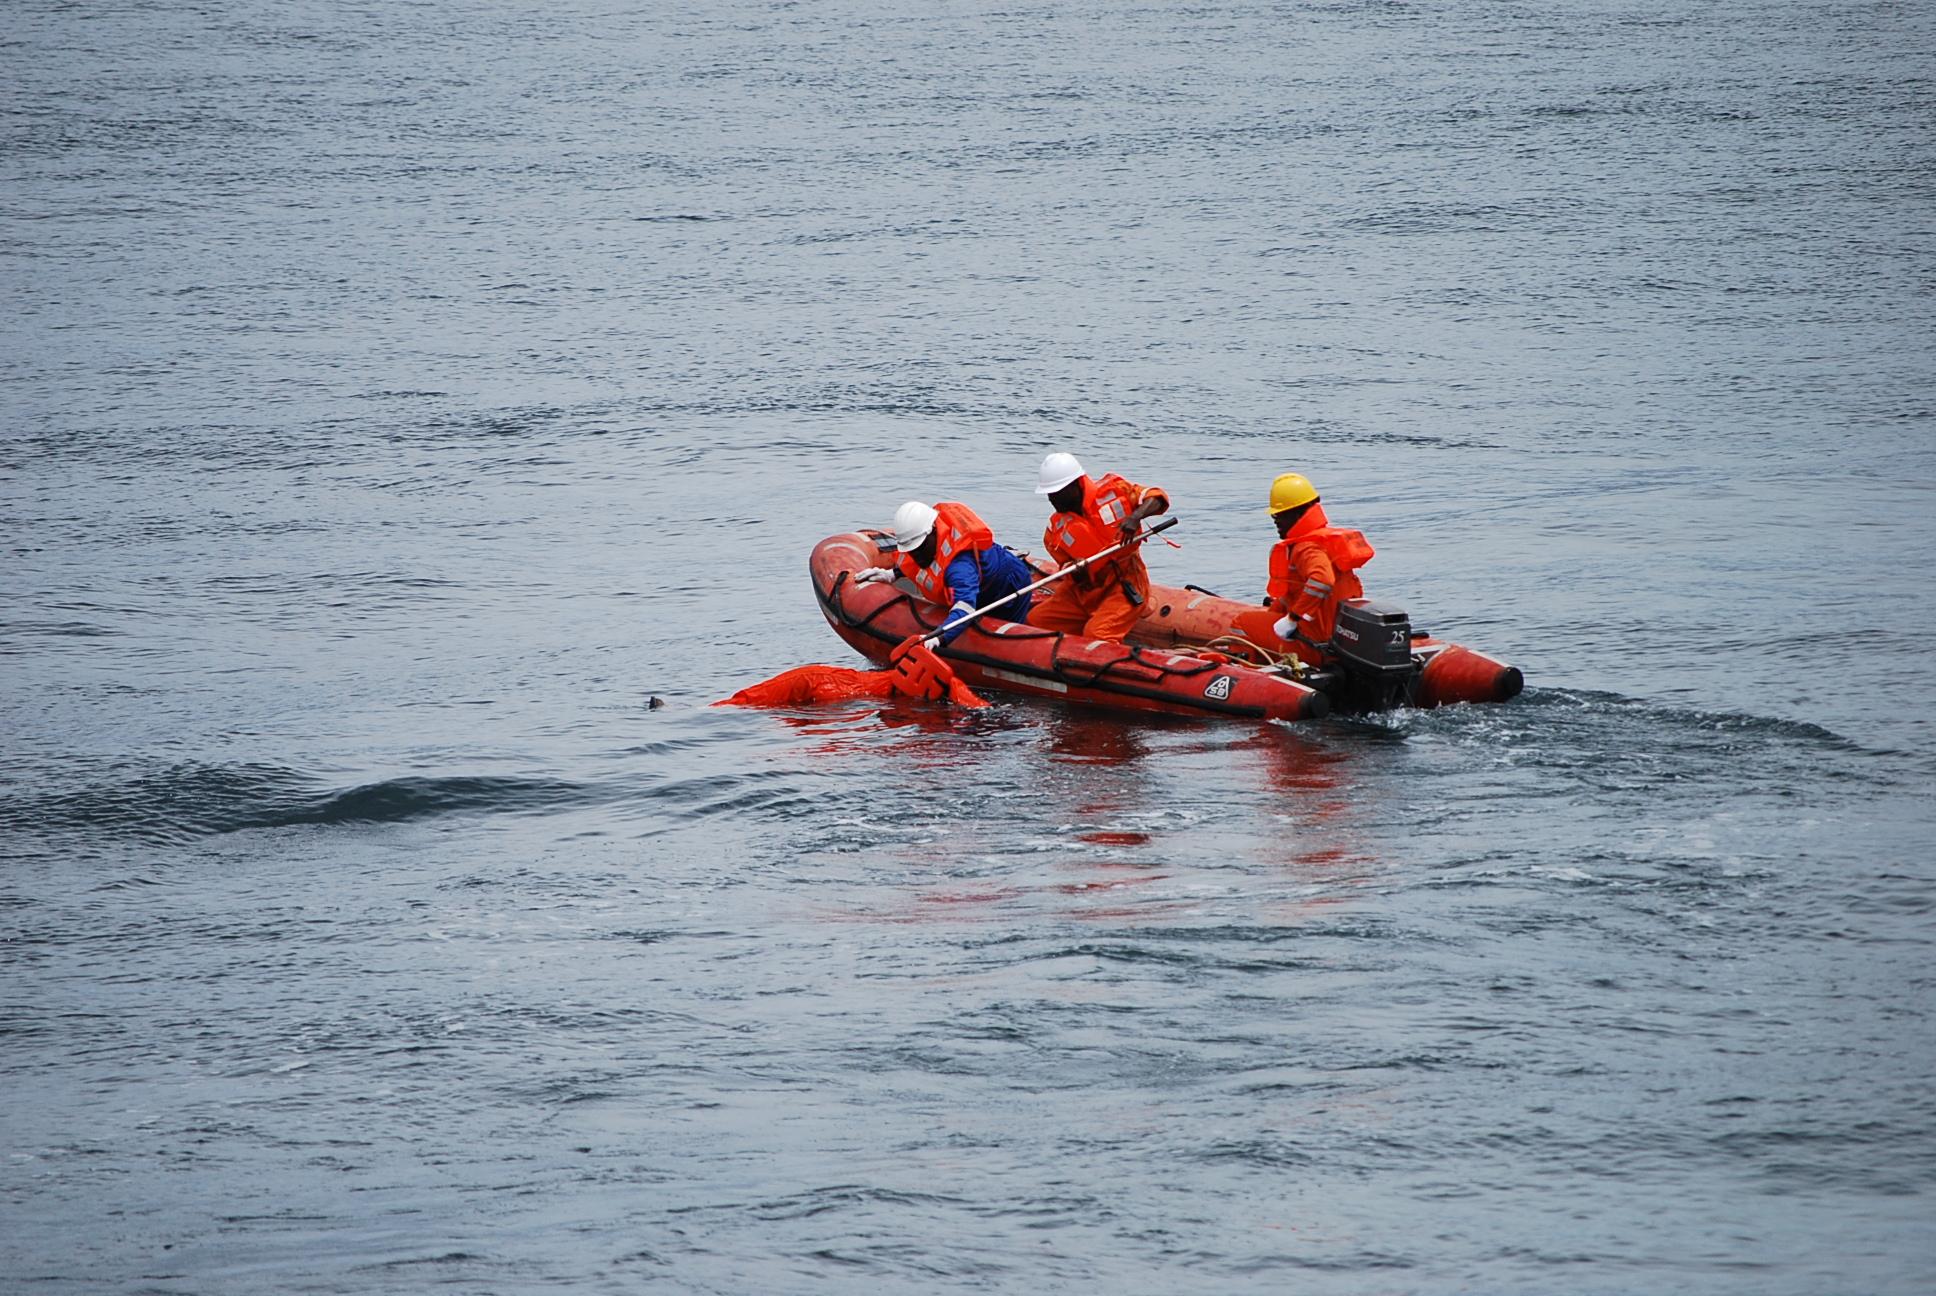 Teamwork - Safety Training